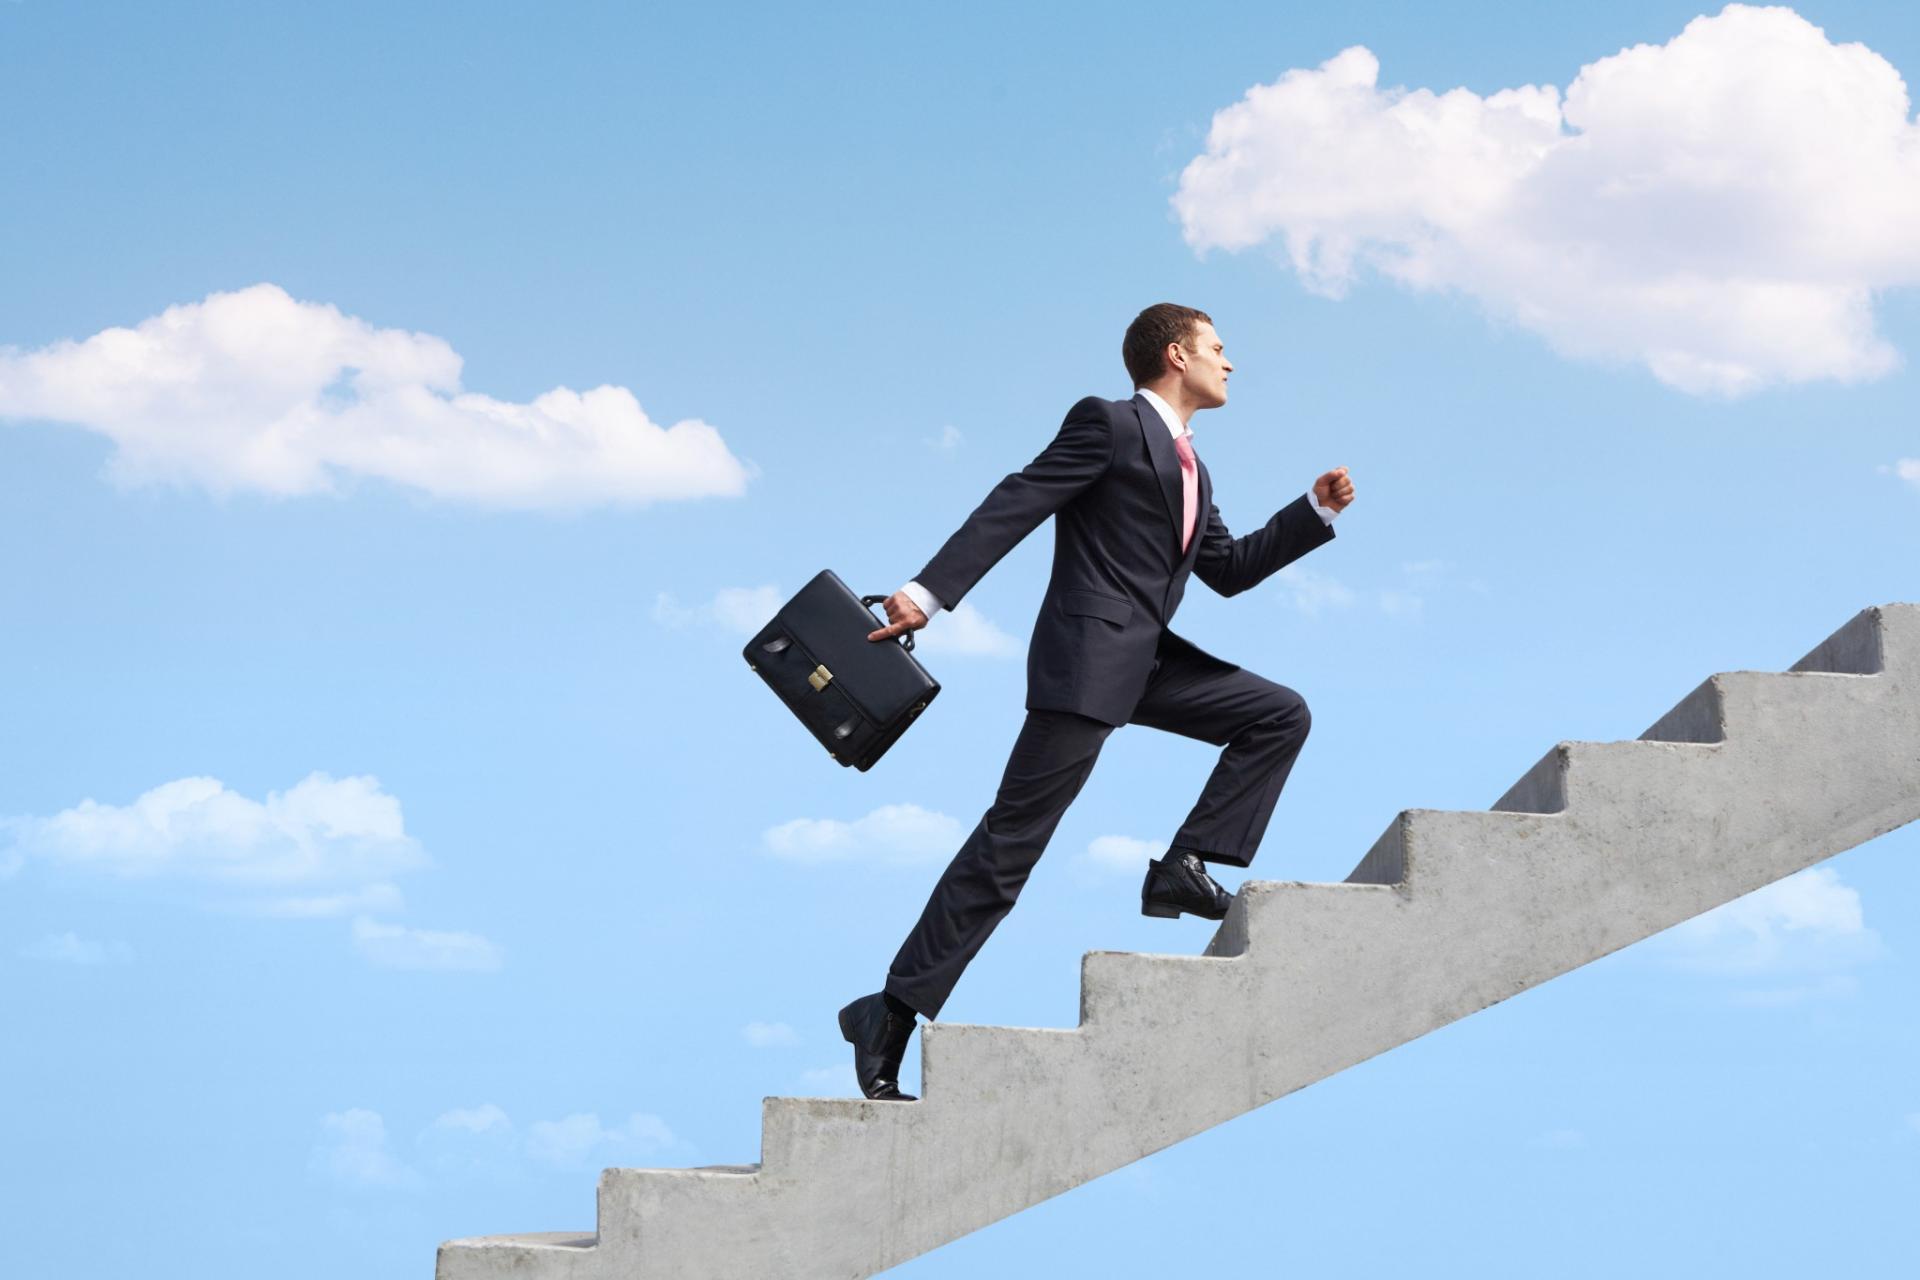 Продвижение по карьерной лестнице в картинках